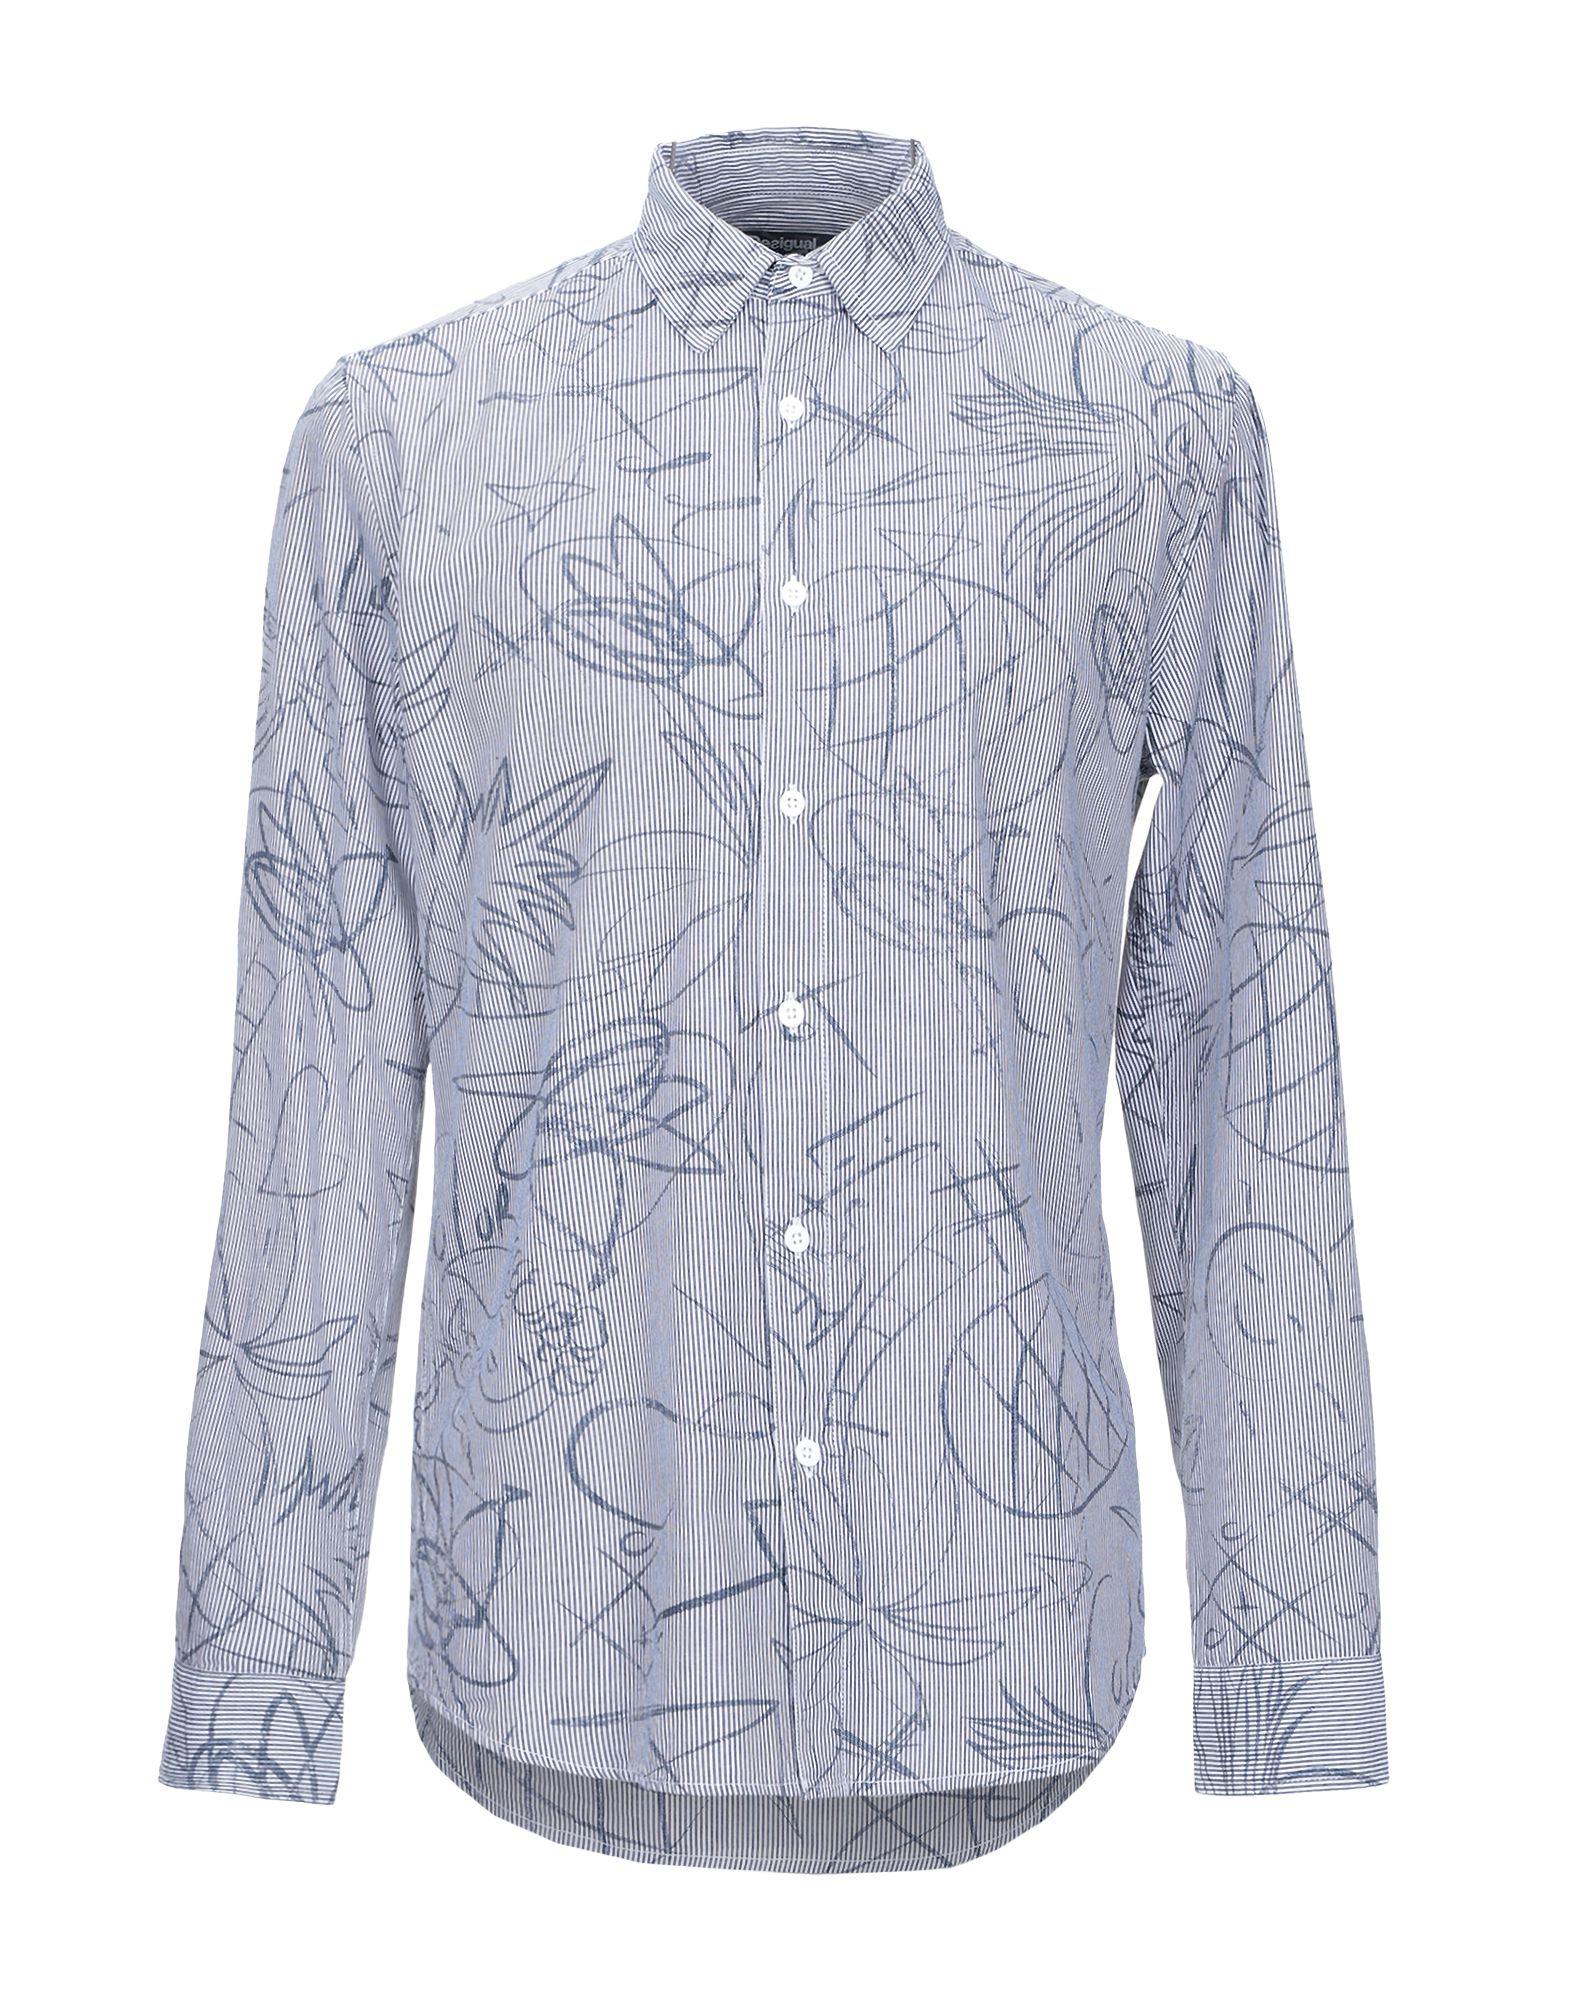 《期間限定セール中》DESIGUAL メンズ シャツ ダークブルー S コットン 100%